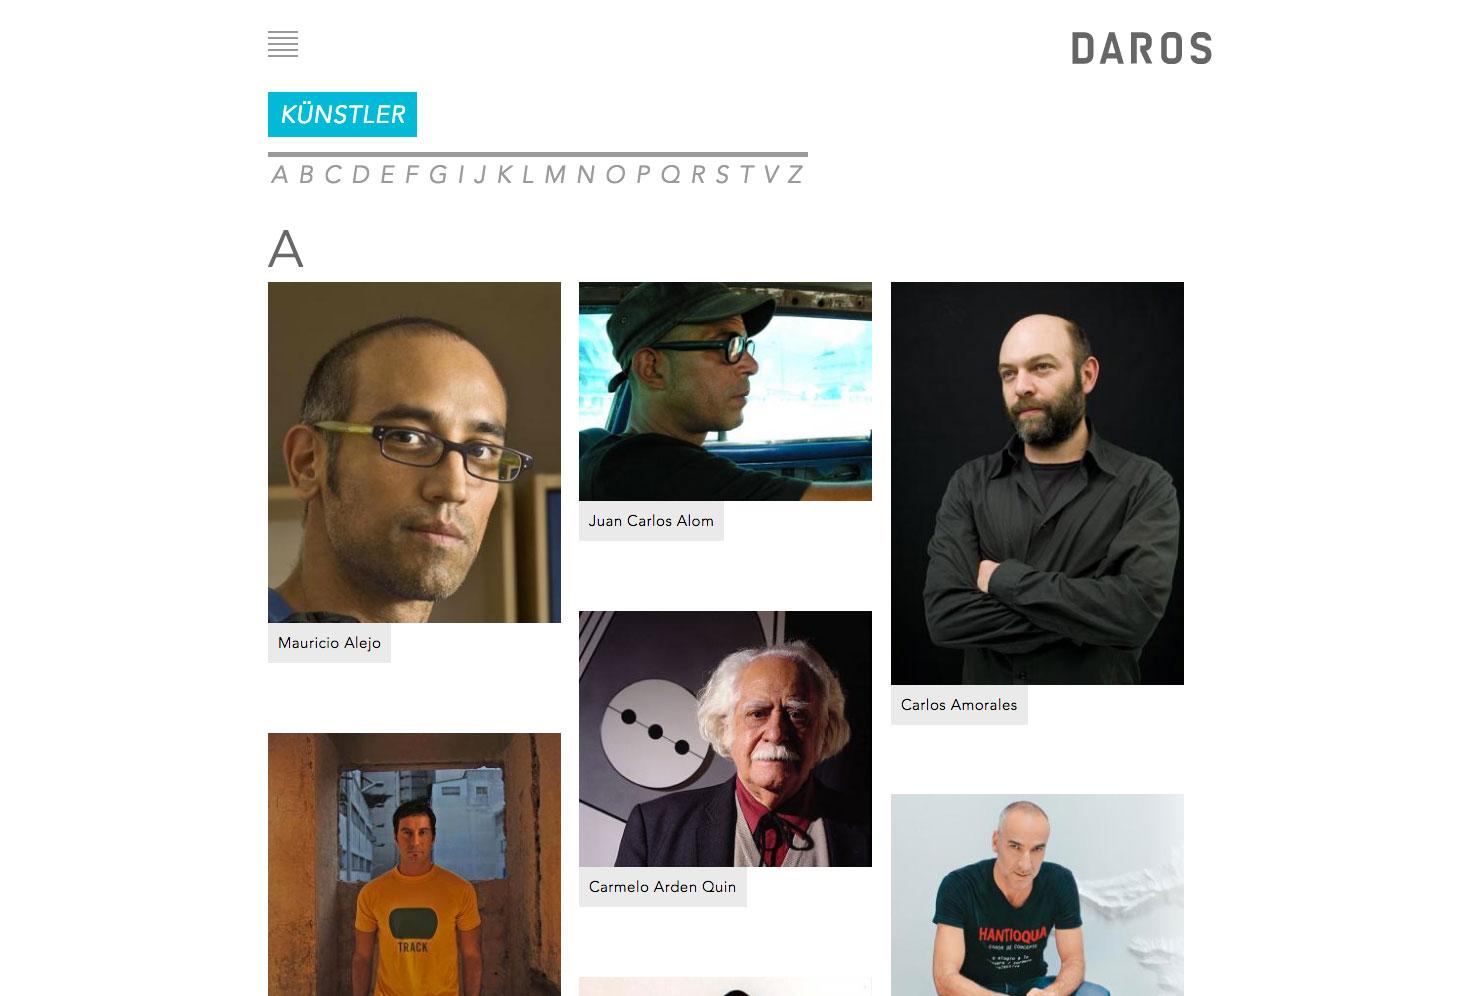 Künstler Auflistung slide 1